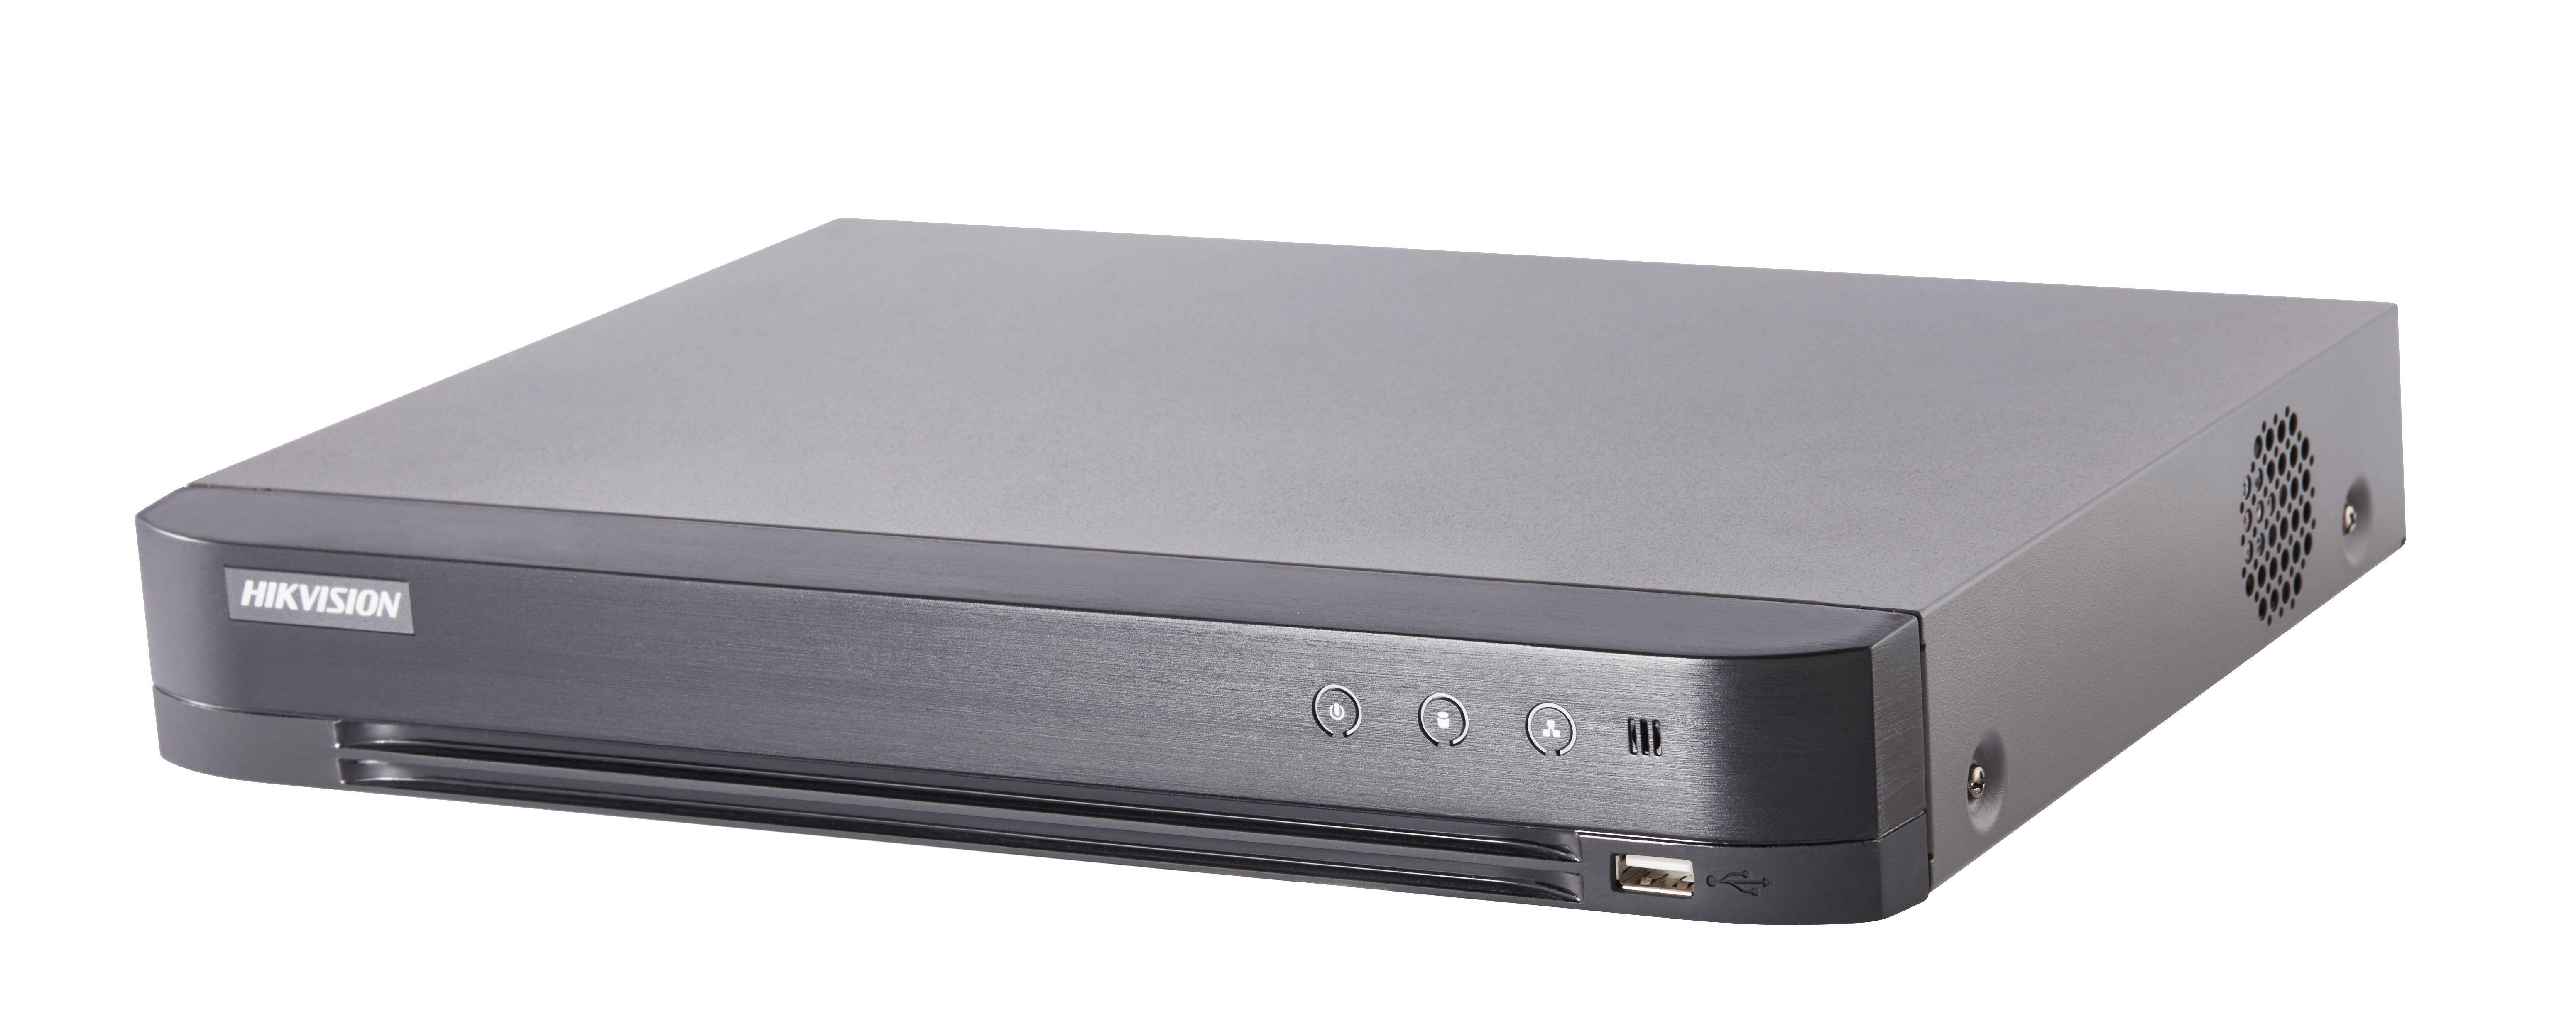 HIKVISION NVR72HU/E TURBO HD 4K 8CH(ANA)/8CH(IP) 1HDD